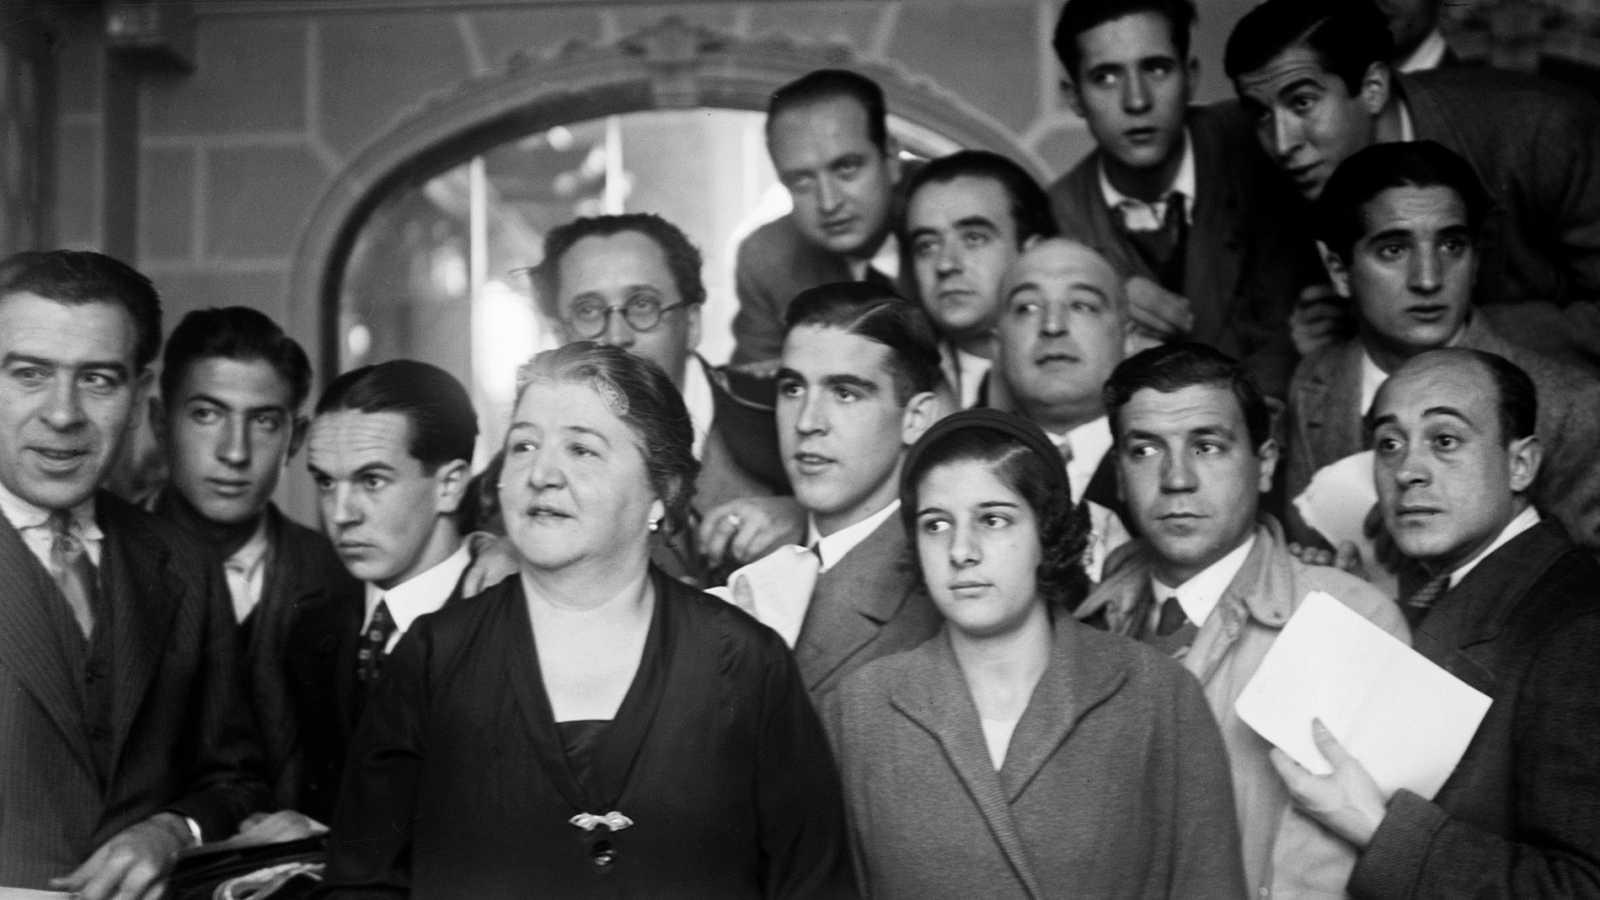 Manolita de Pablo posa con clientes en su administración de Lotería en la Gran Vía madrileña hacia 1935